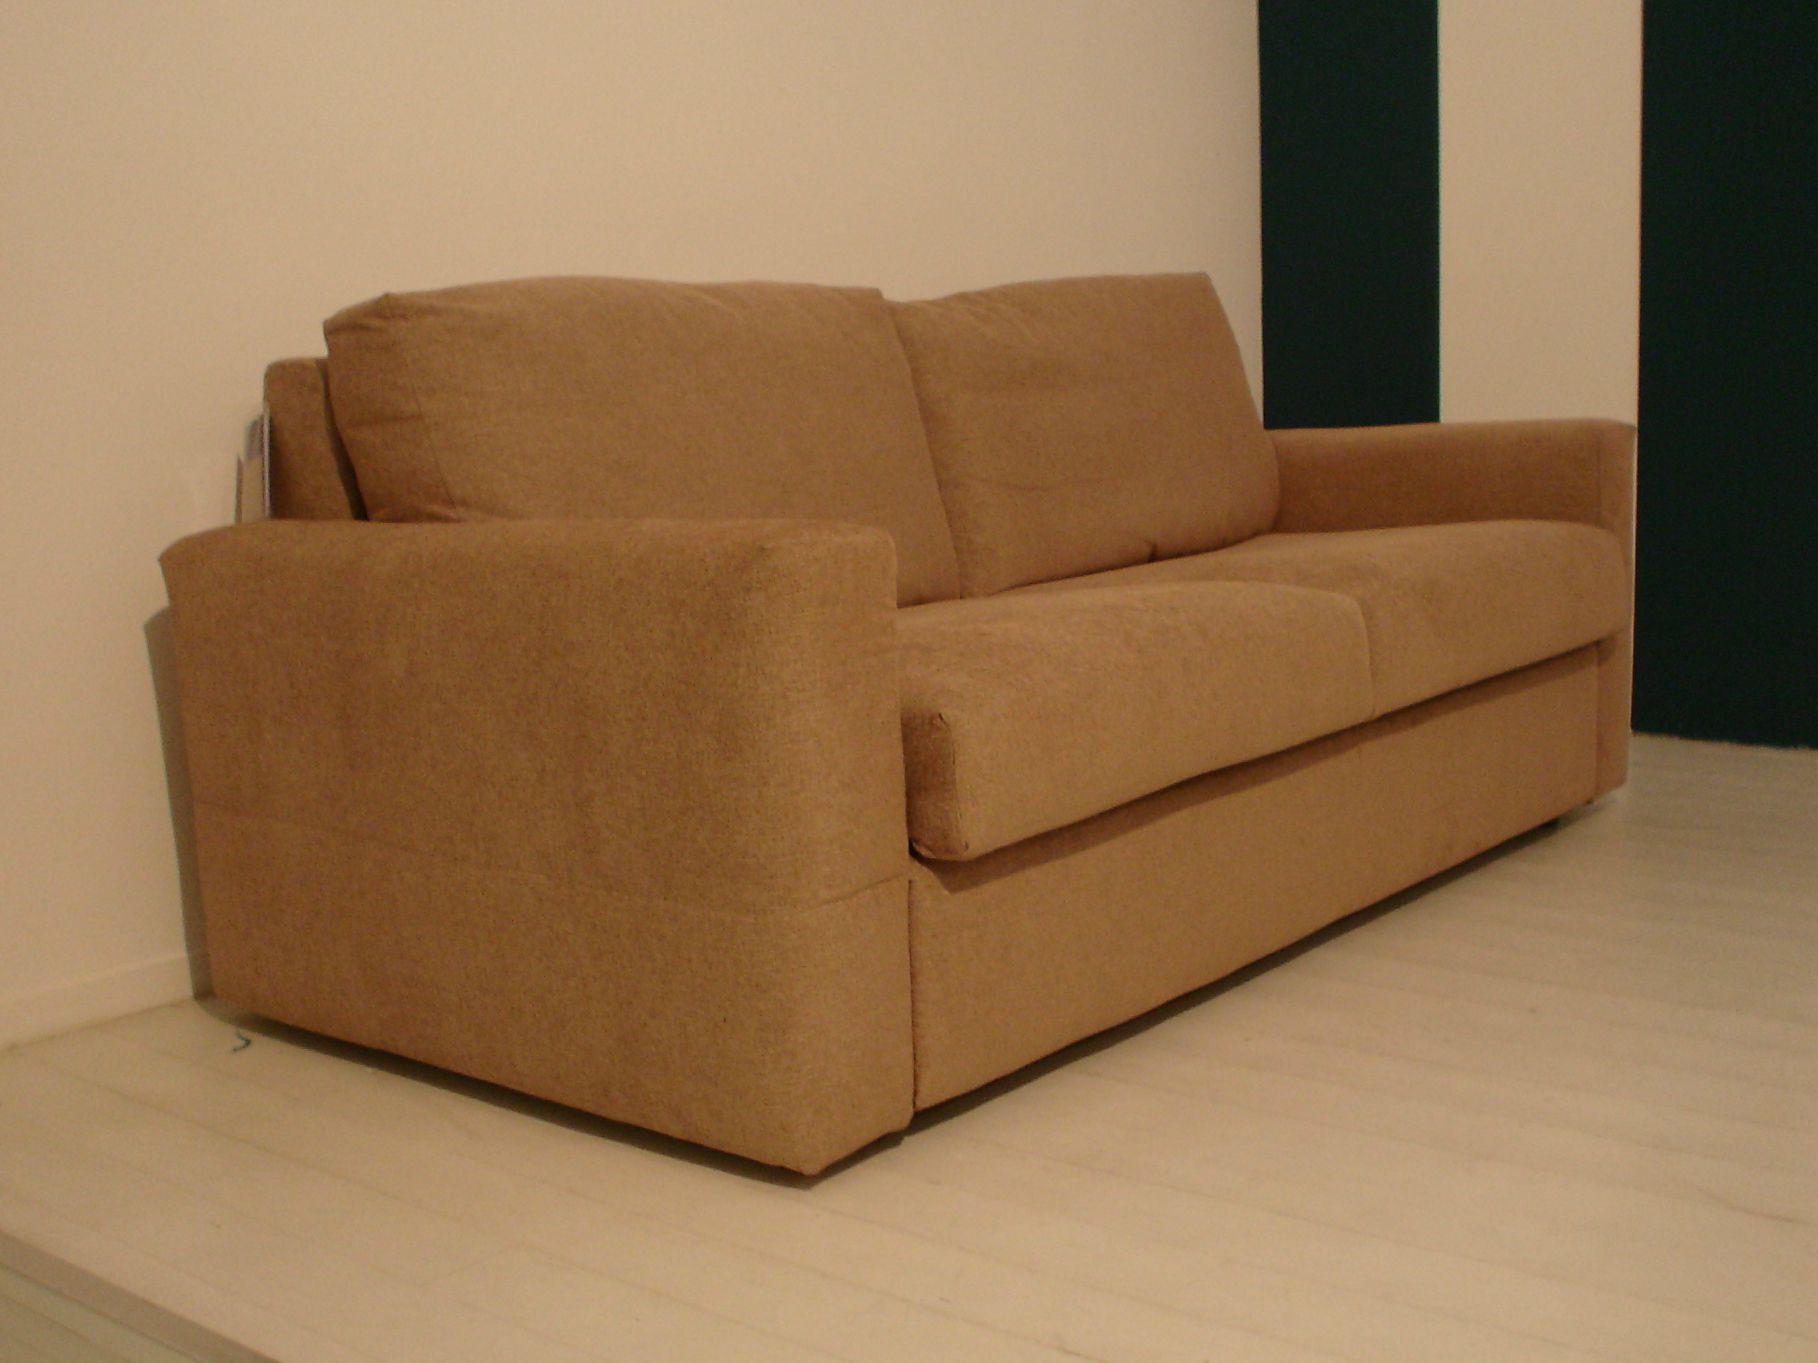 Divano letto in tessuto a 2 posti simply design by bodema - Divano letto a 2 posti ...